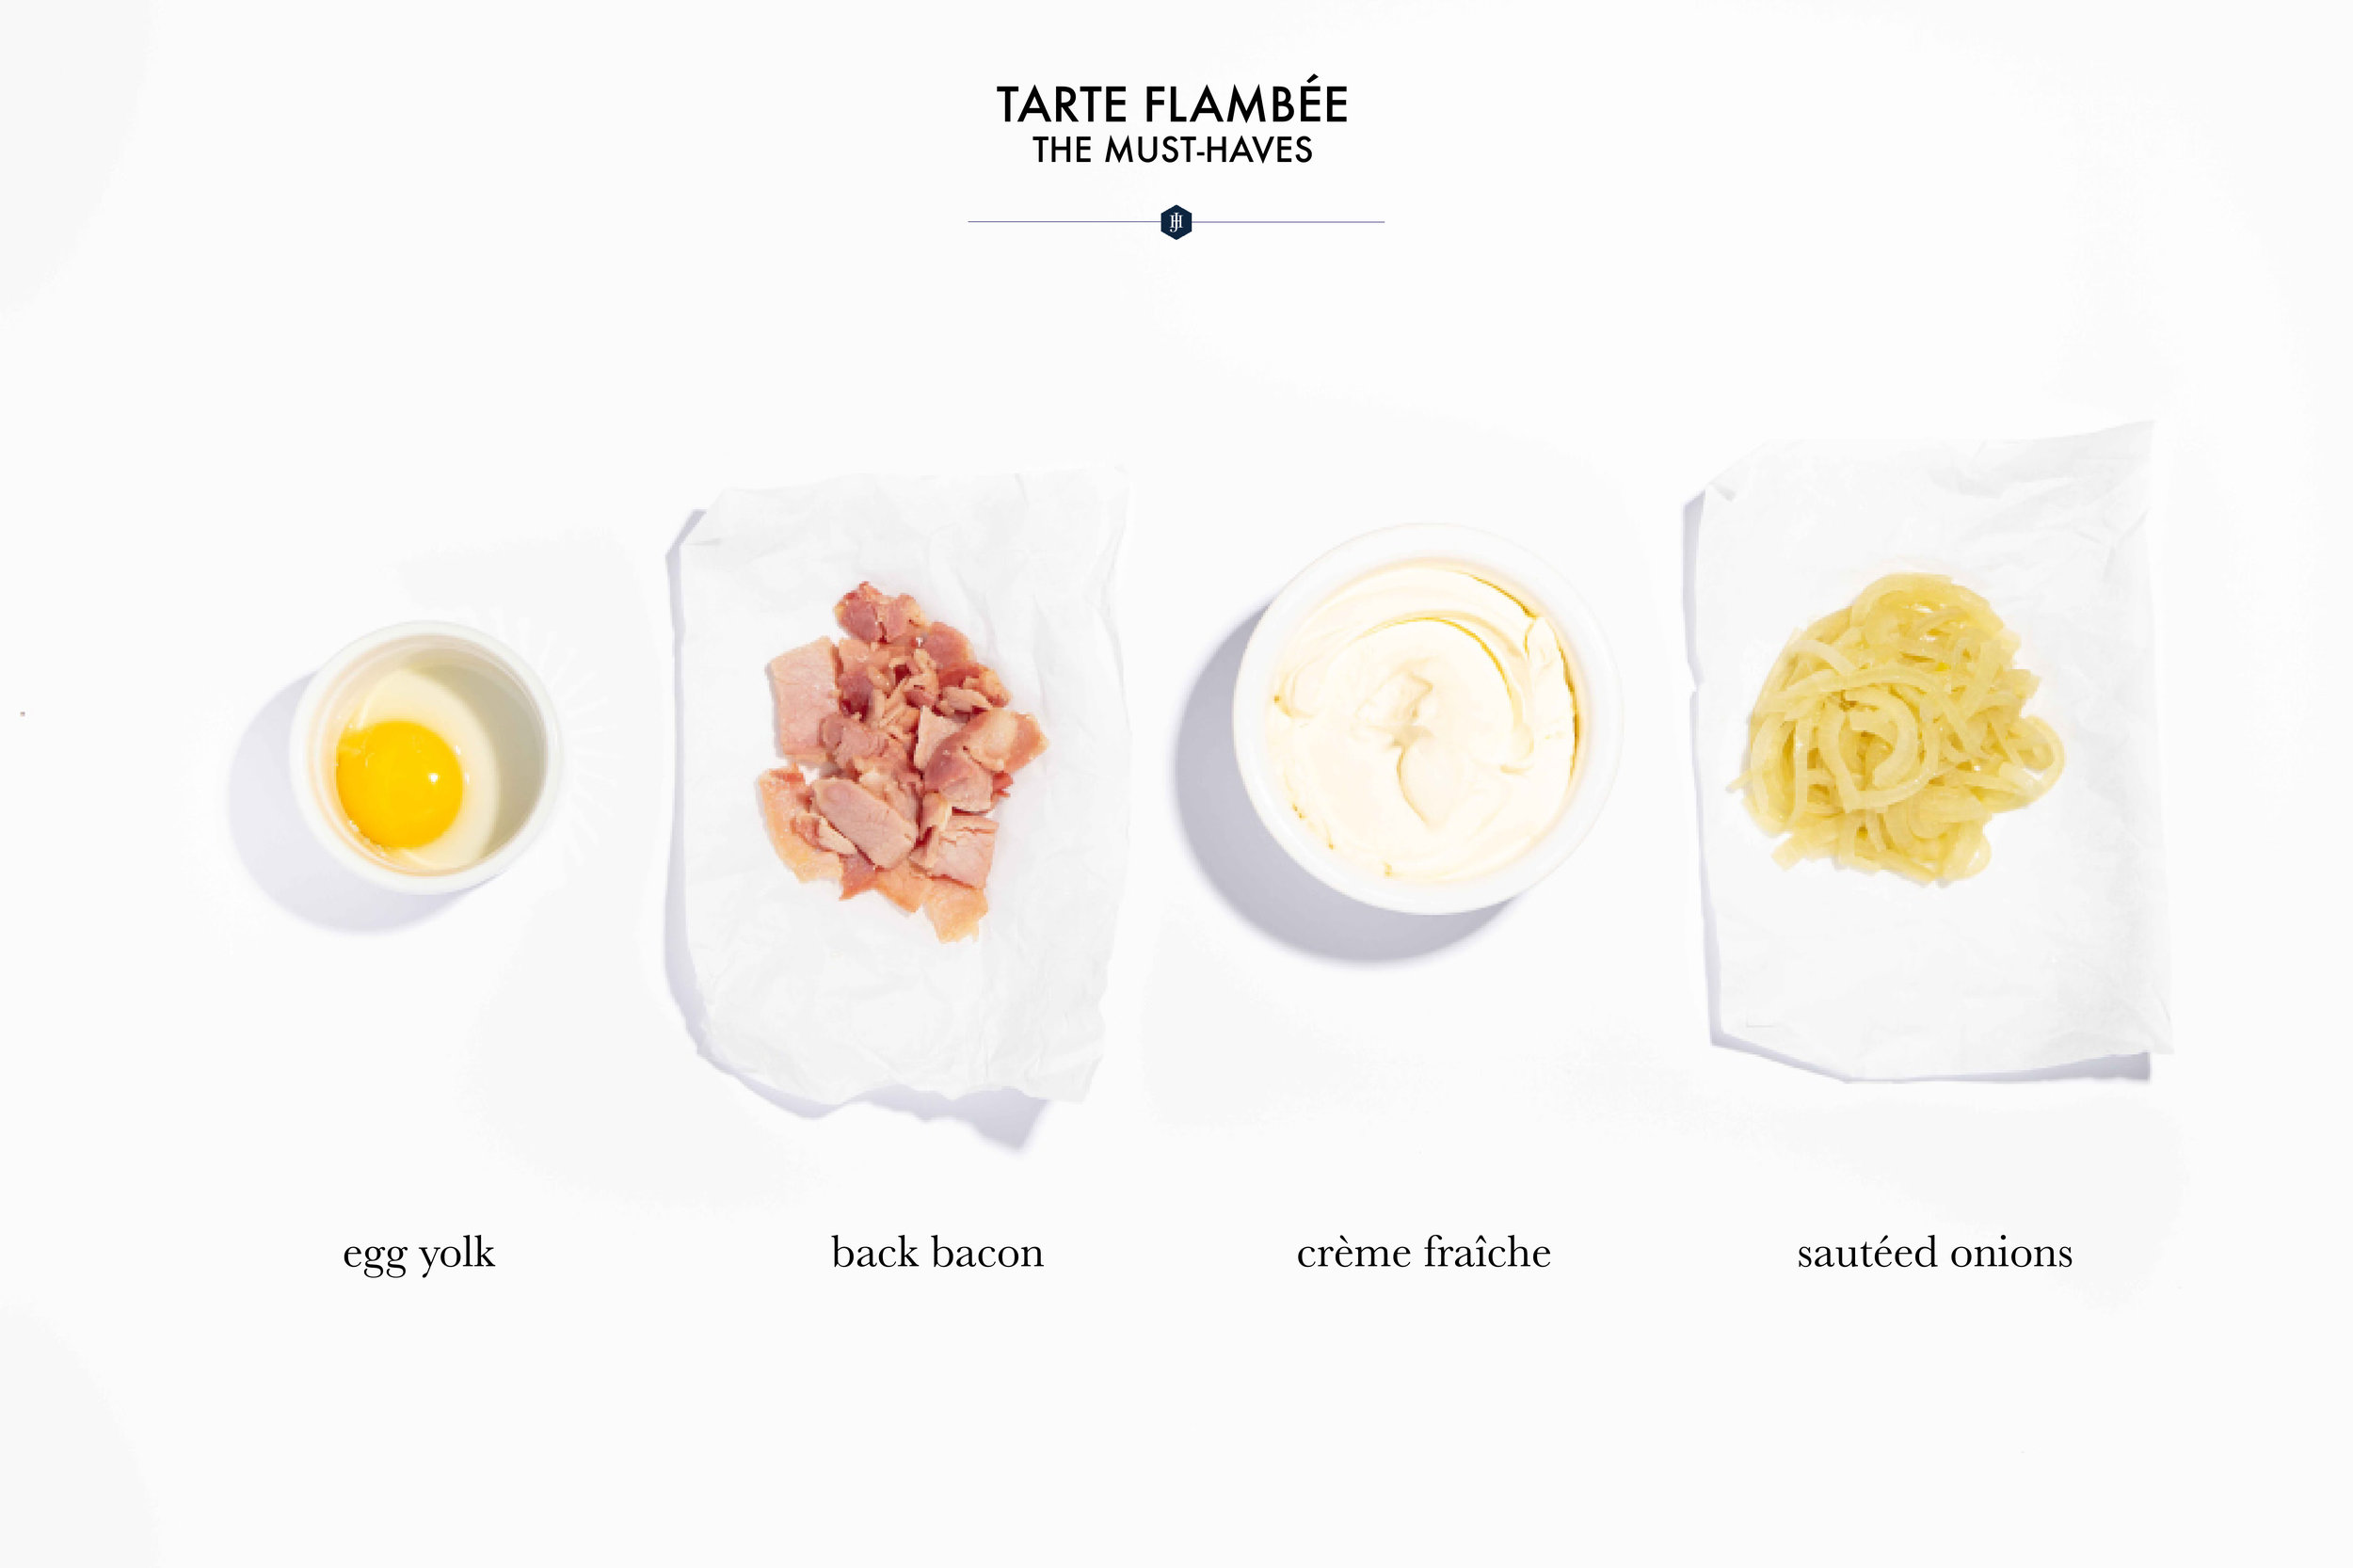 Tarte Flambeé captioned001.jpg